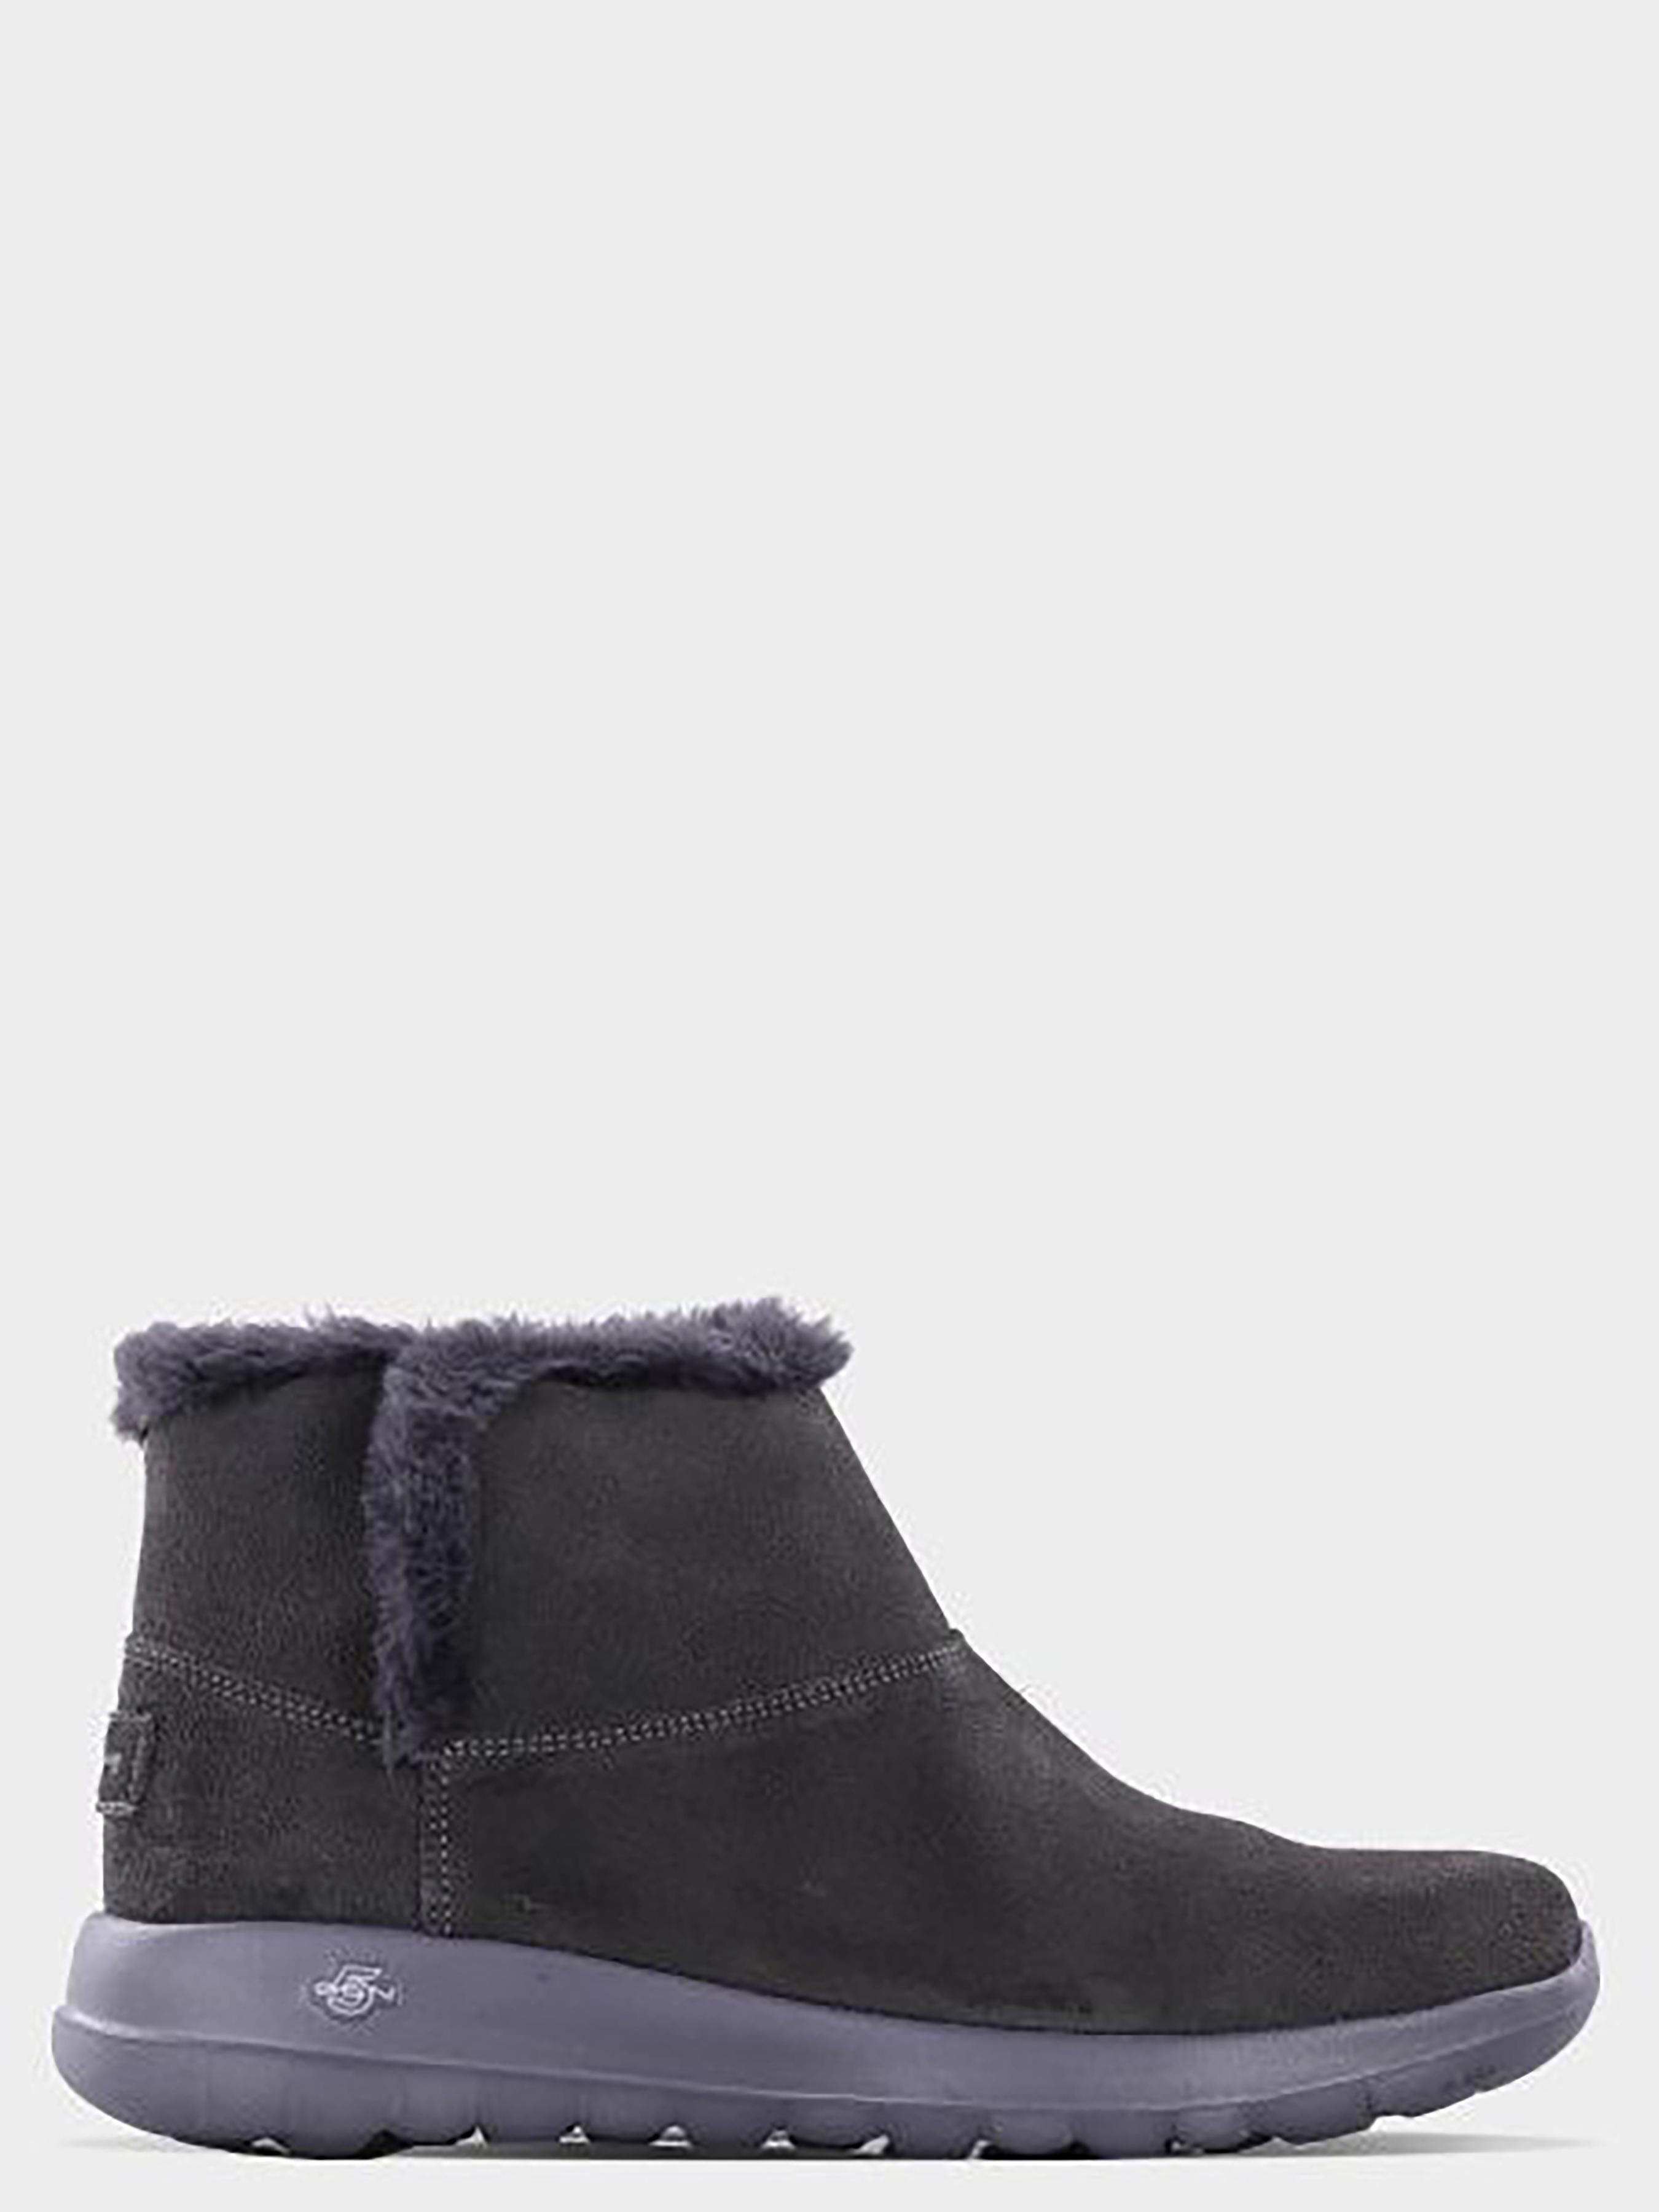 Купить Ботинки женские Skechers KW5128, Серый